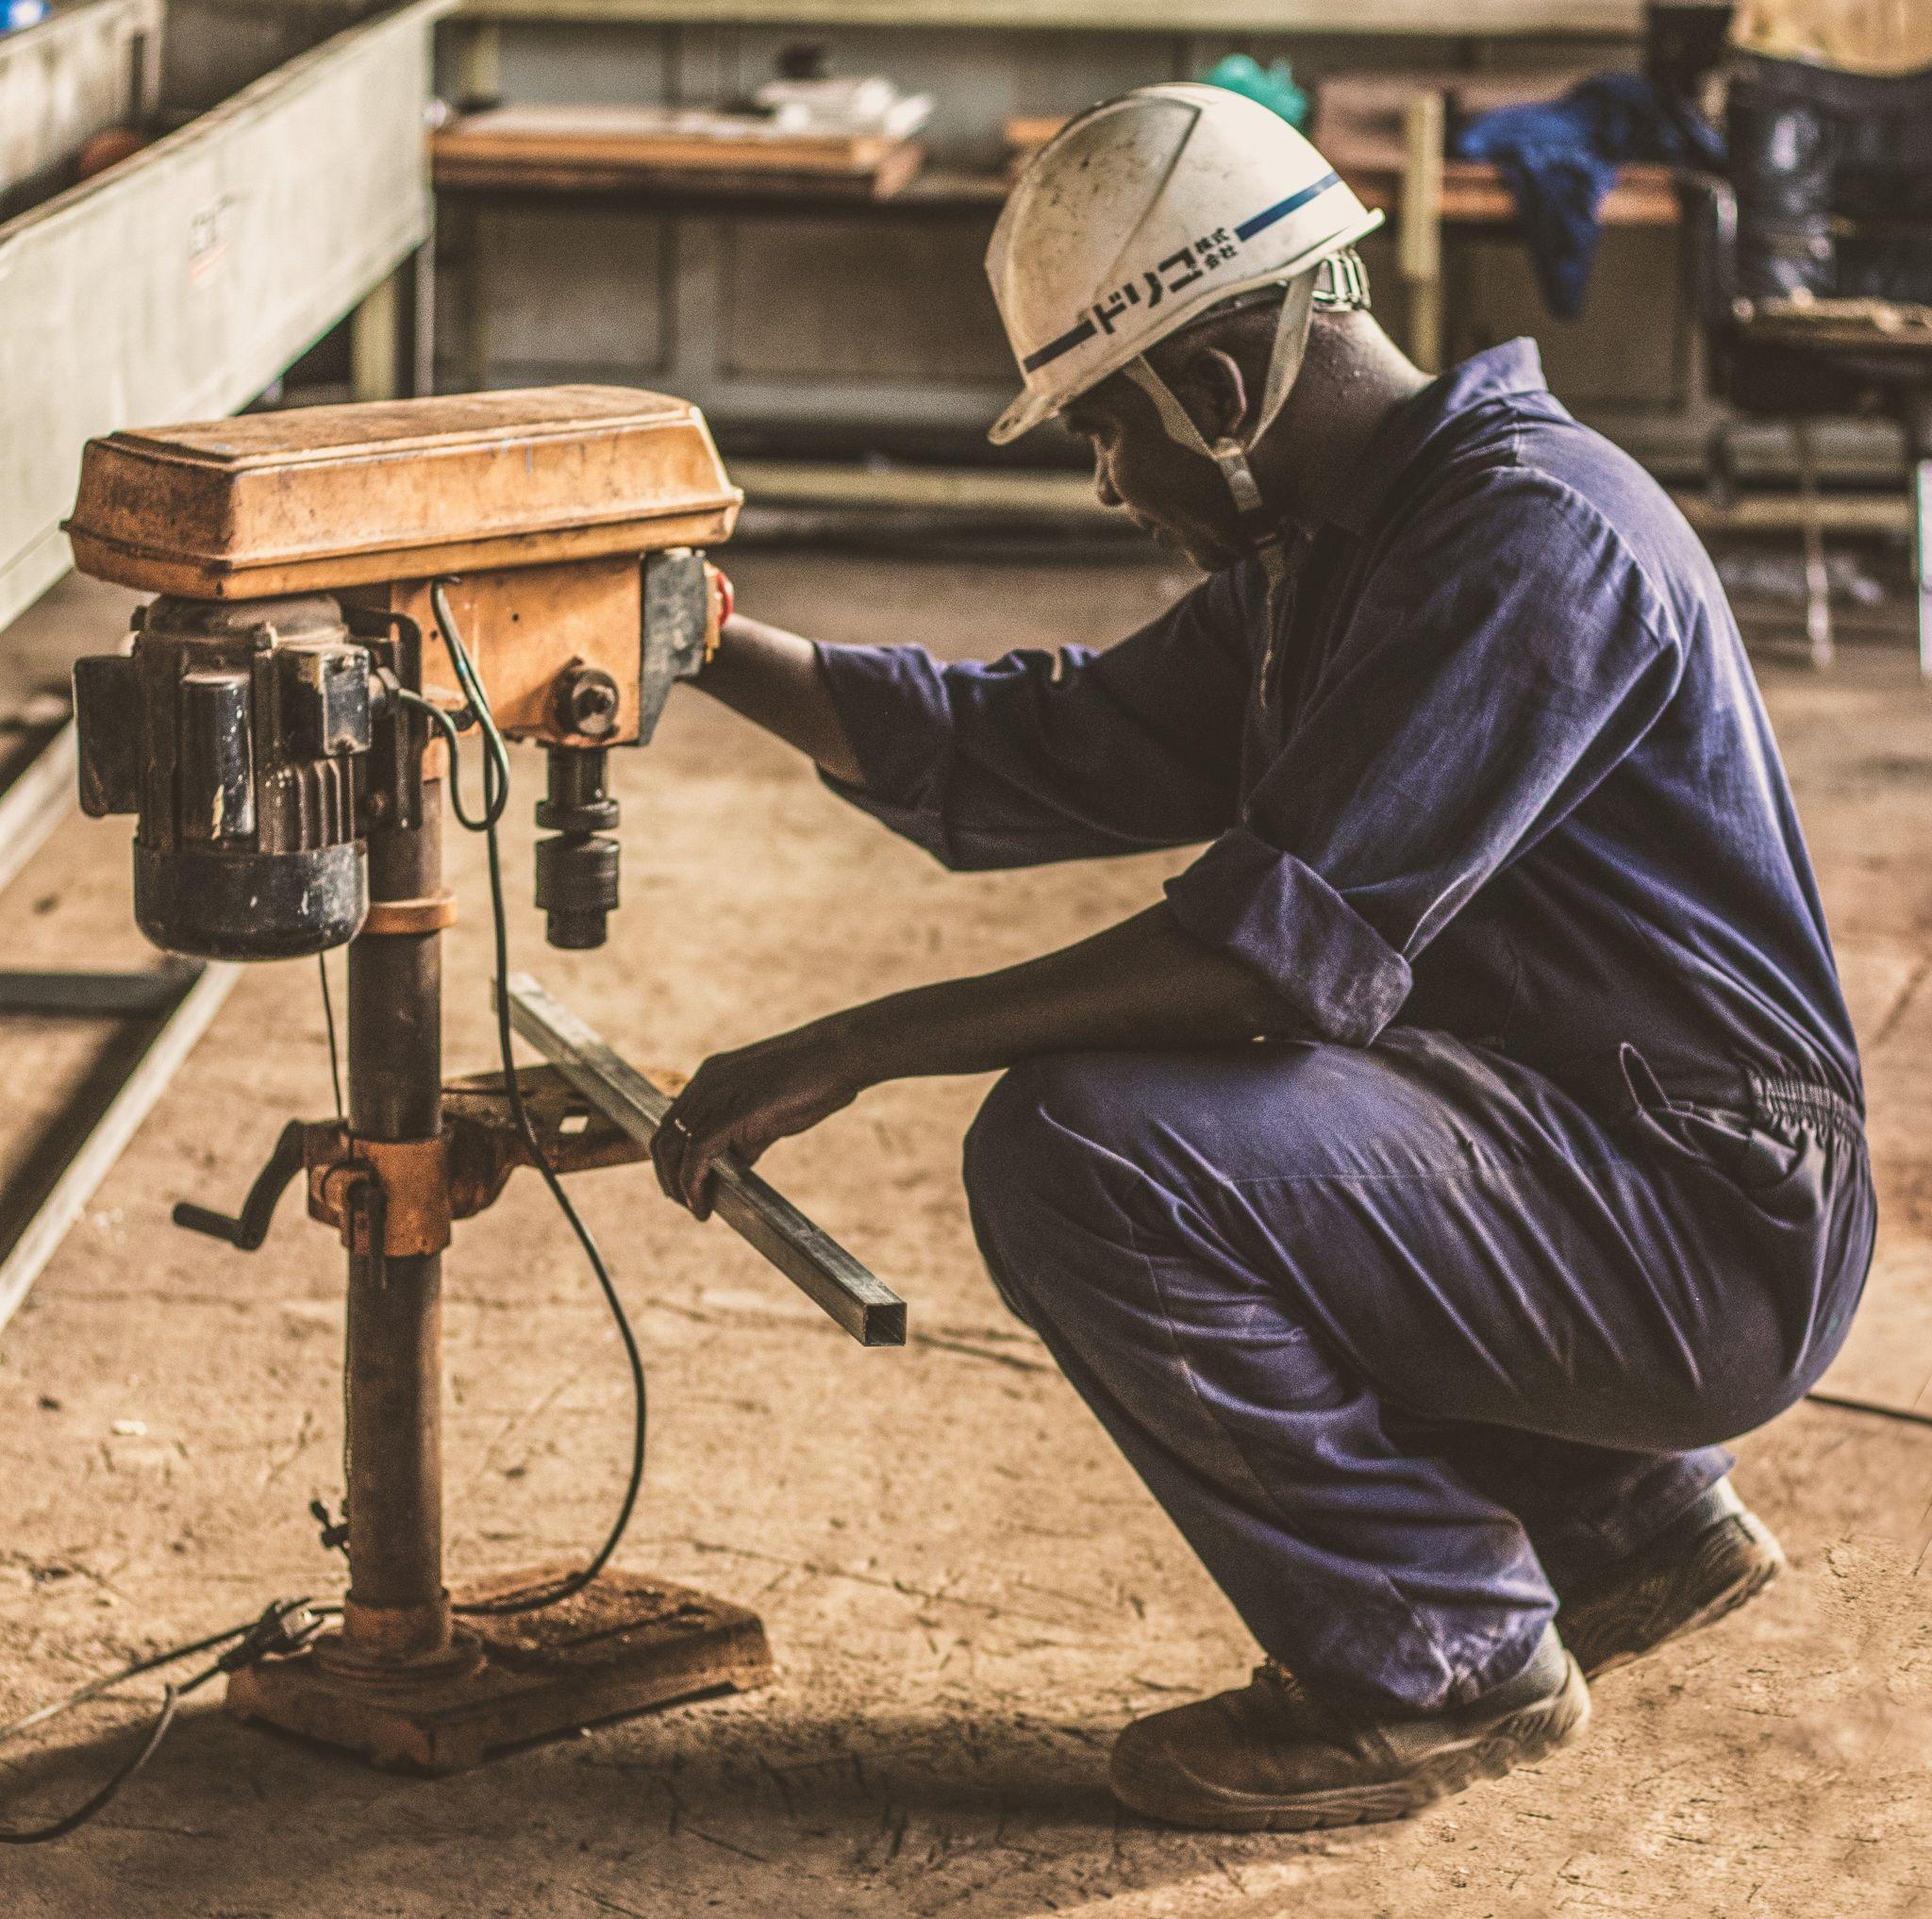 Les travailleurs de la construction portent des vêtements professionnels et des EPI